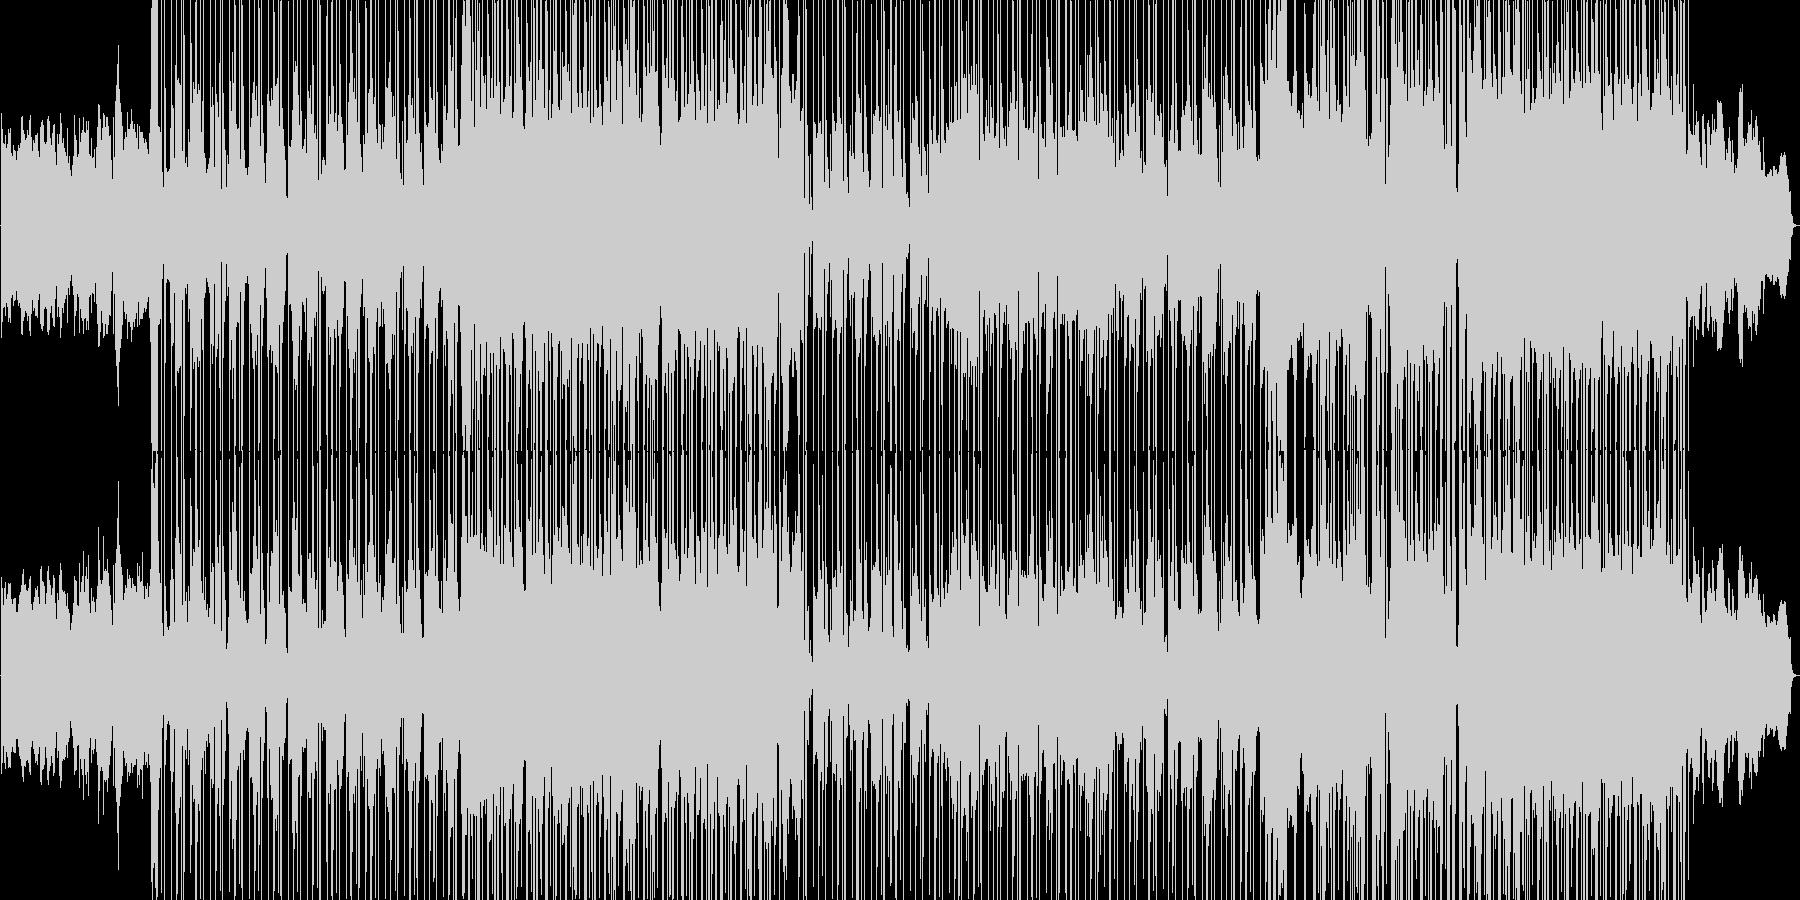 R&B風のシンセが印象的なポップバラードの未再生の波形